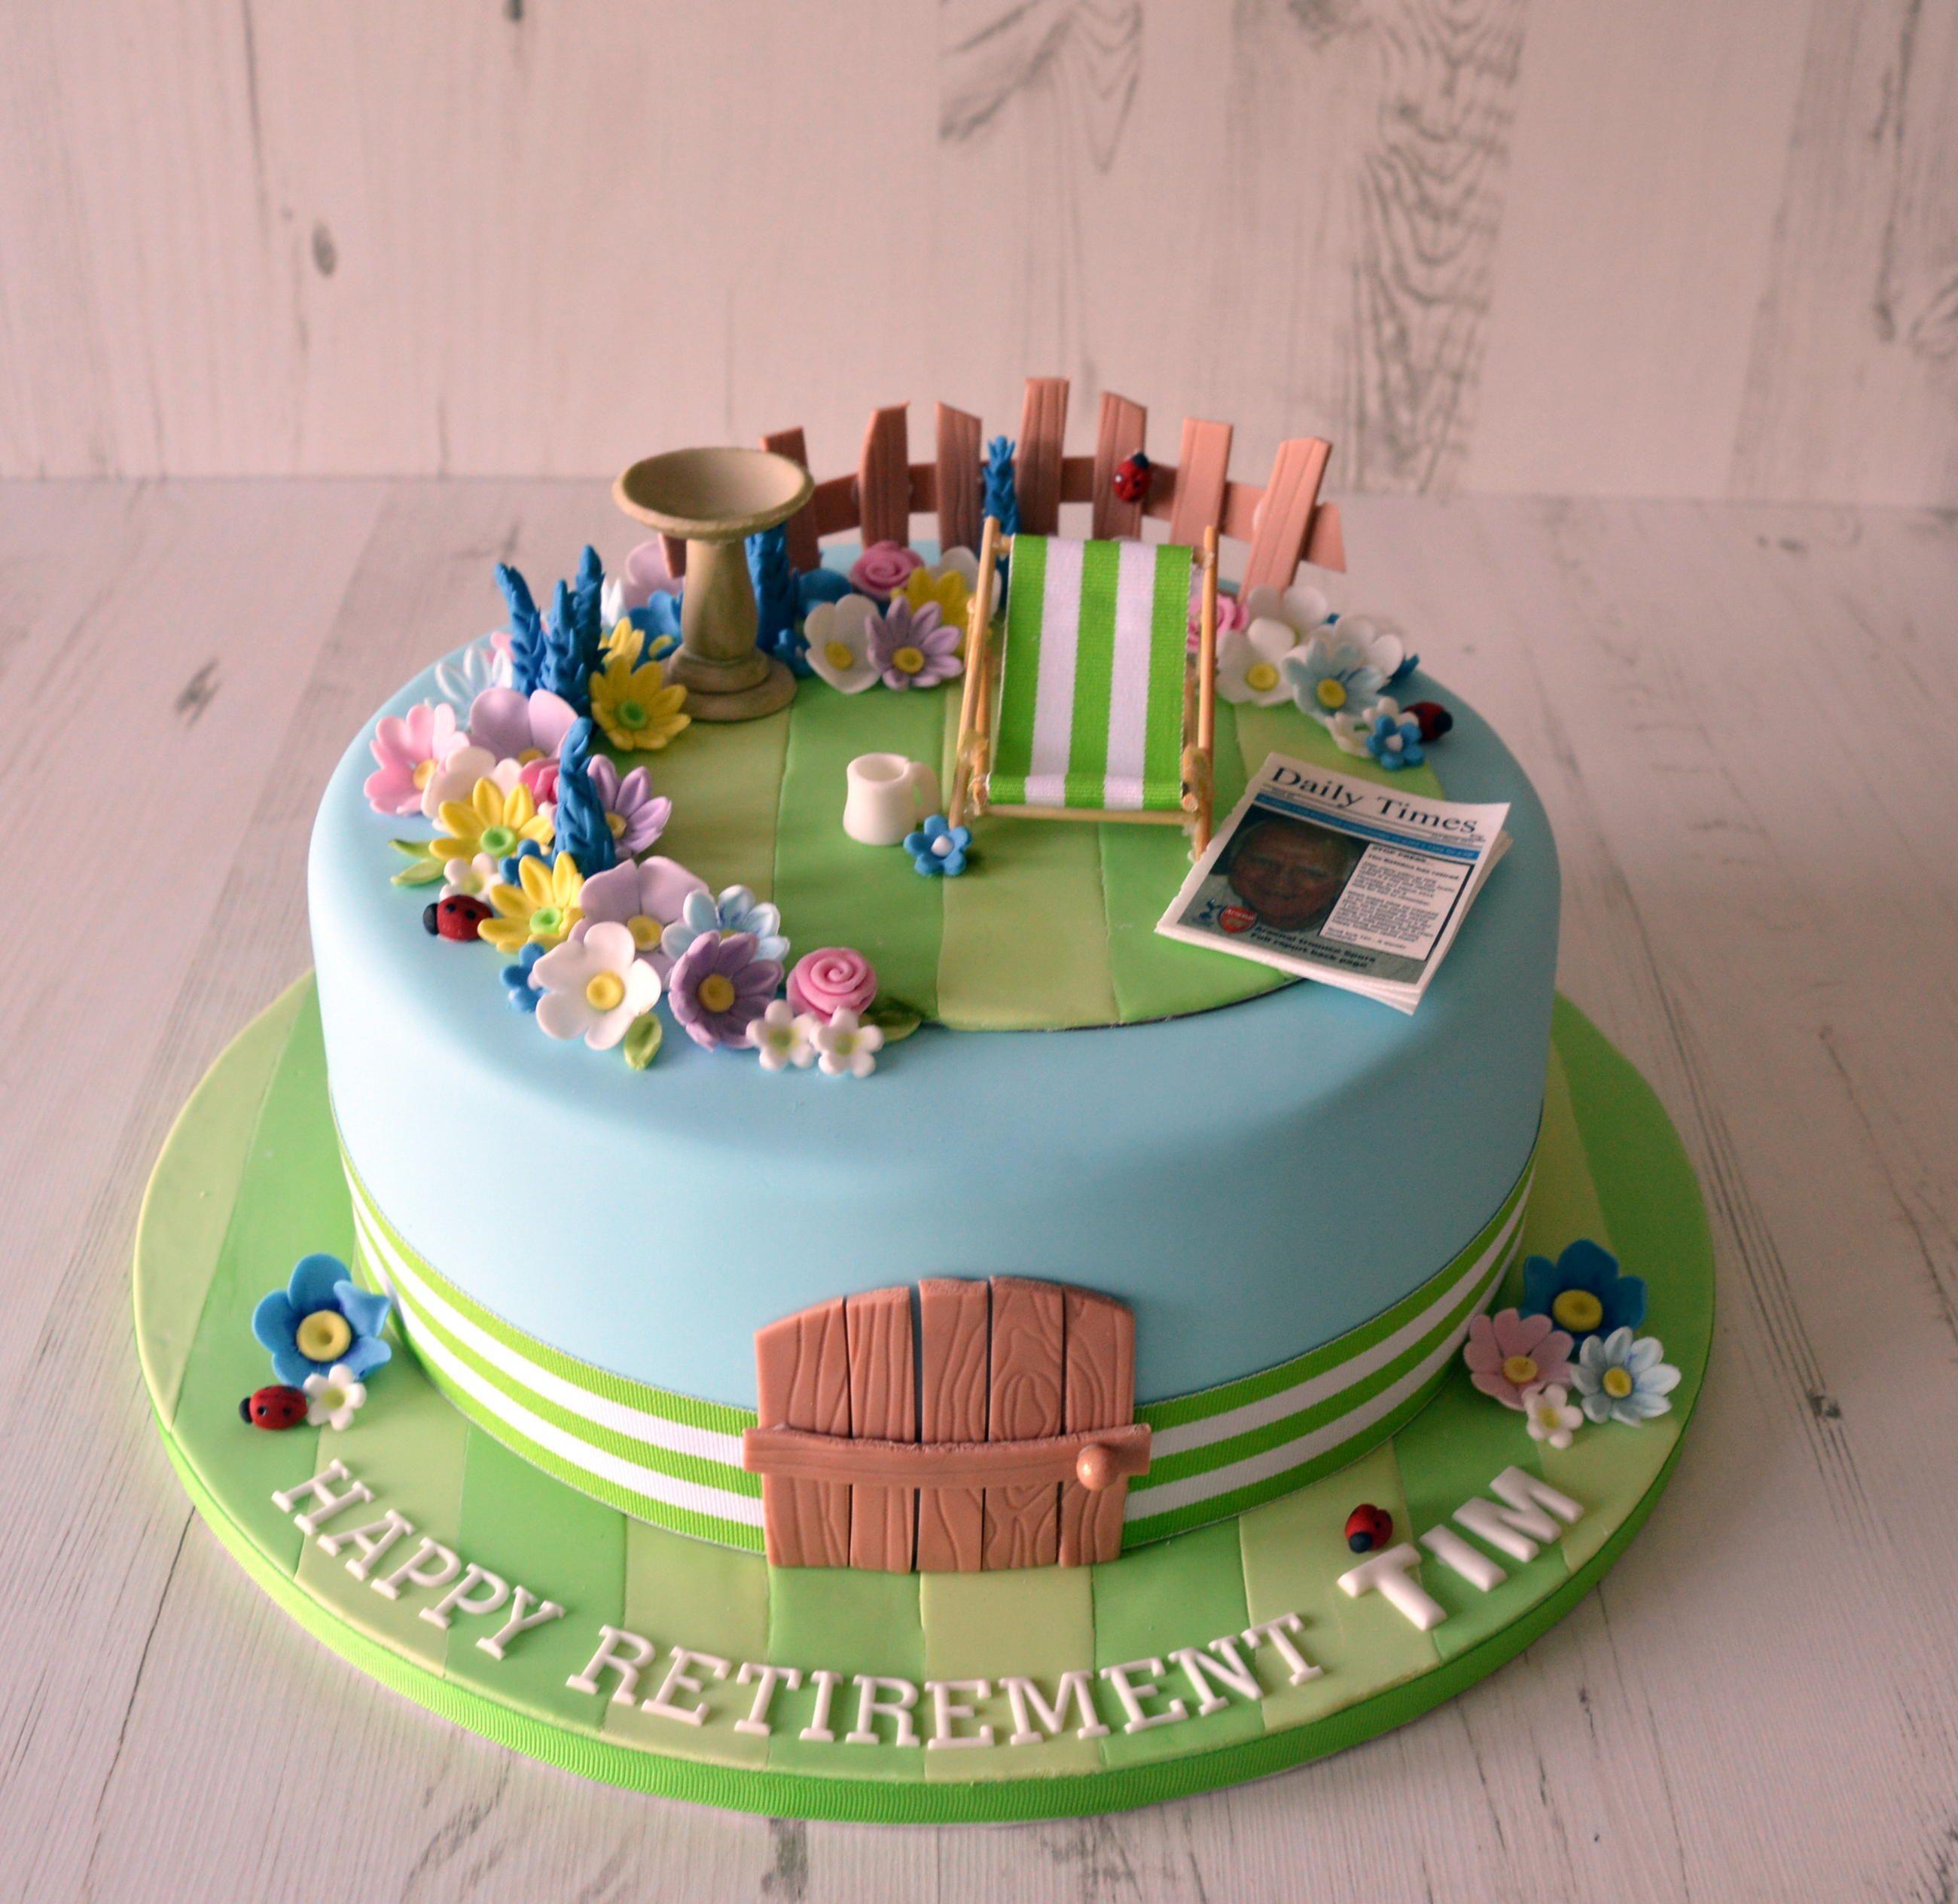 Garden Design Birthday Cake garden retirement cake, flowers, deckchair, newspaper | cakes